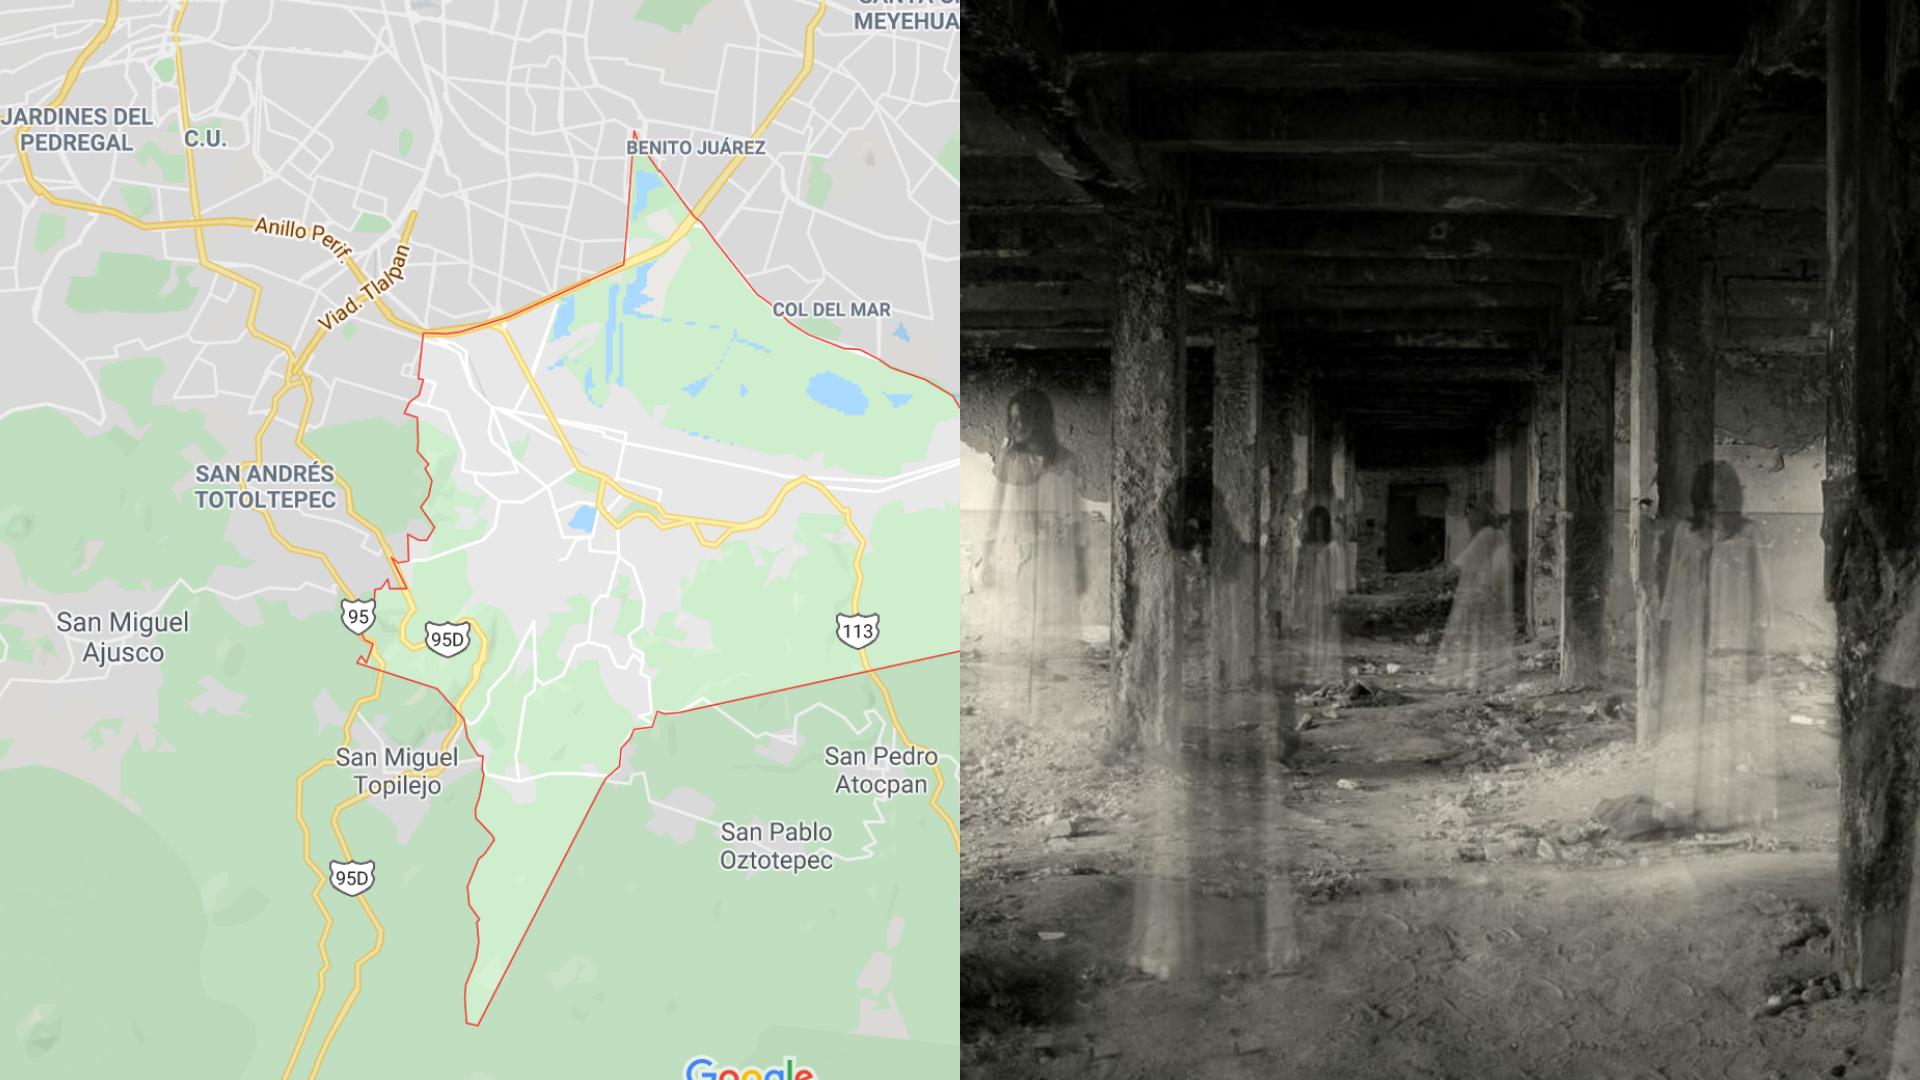 Mapa de los lugares más terroríficos en la Ciudad de México